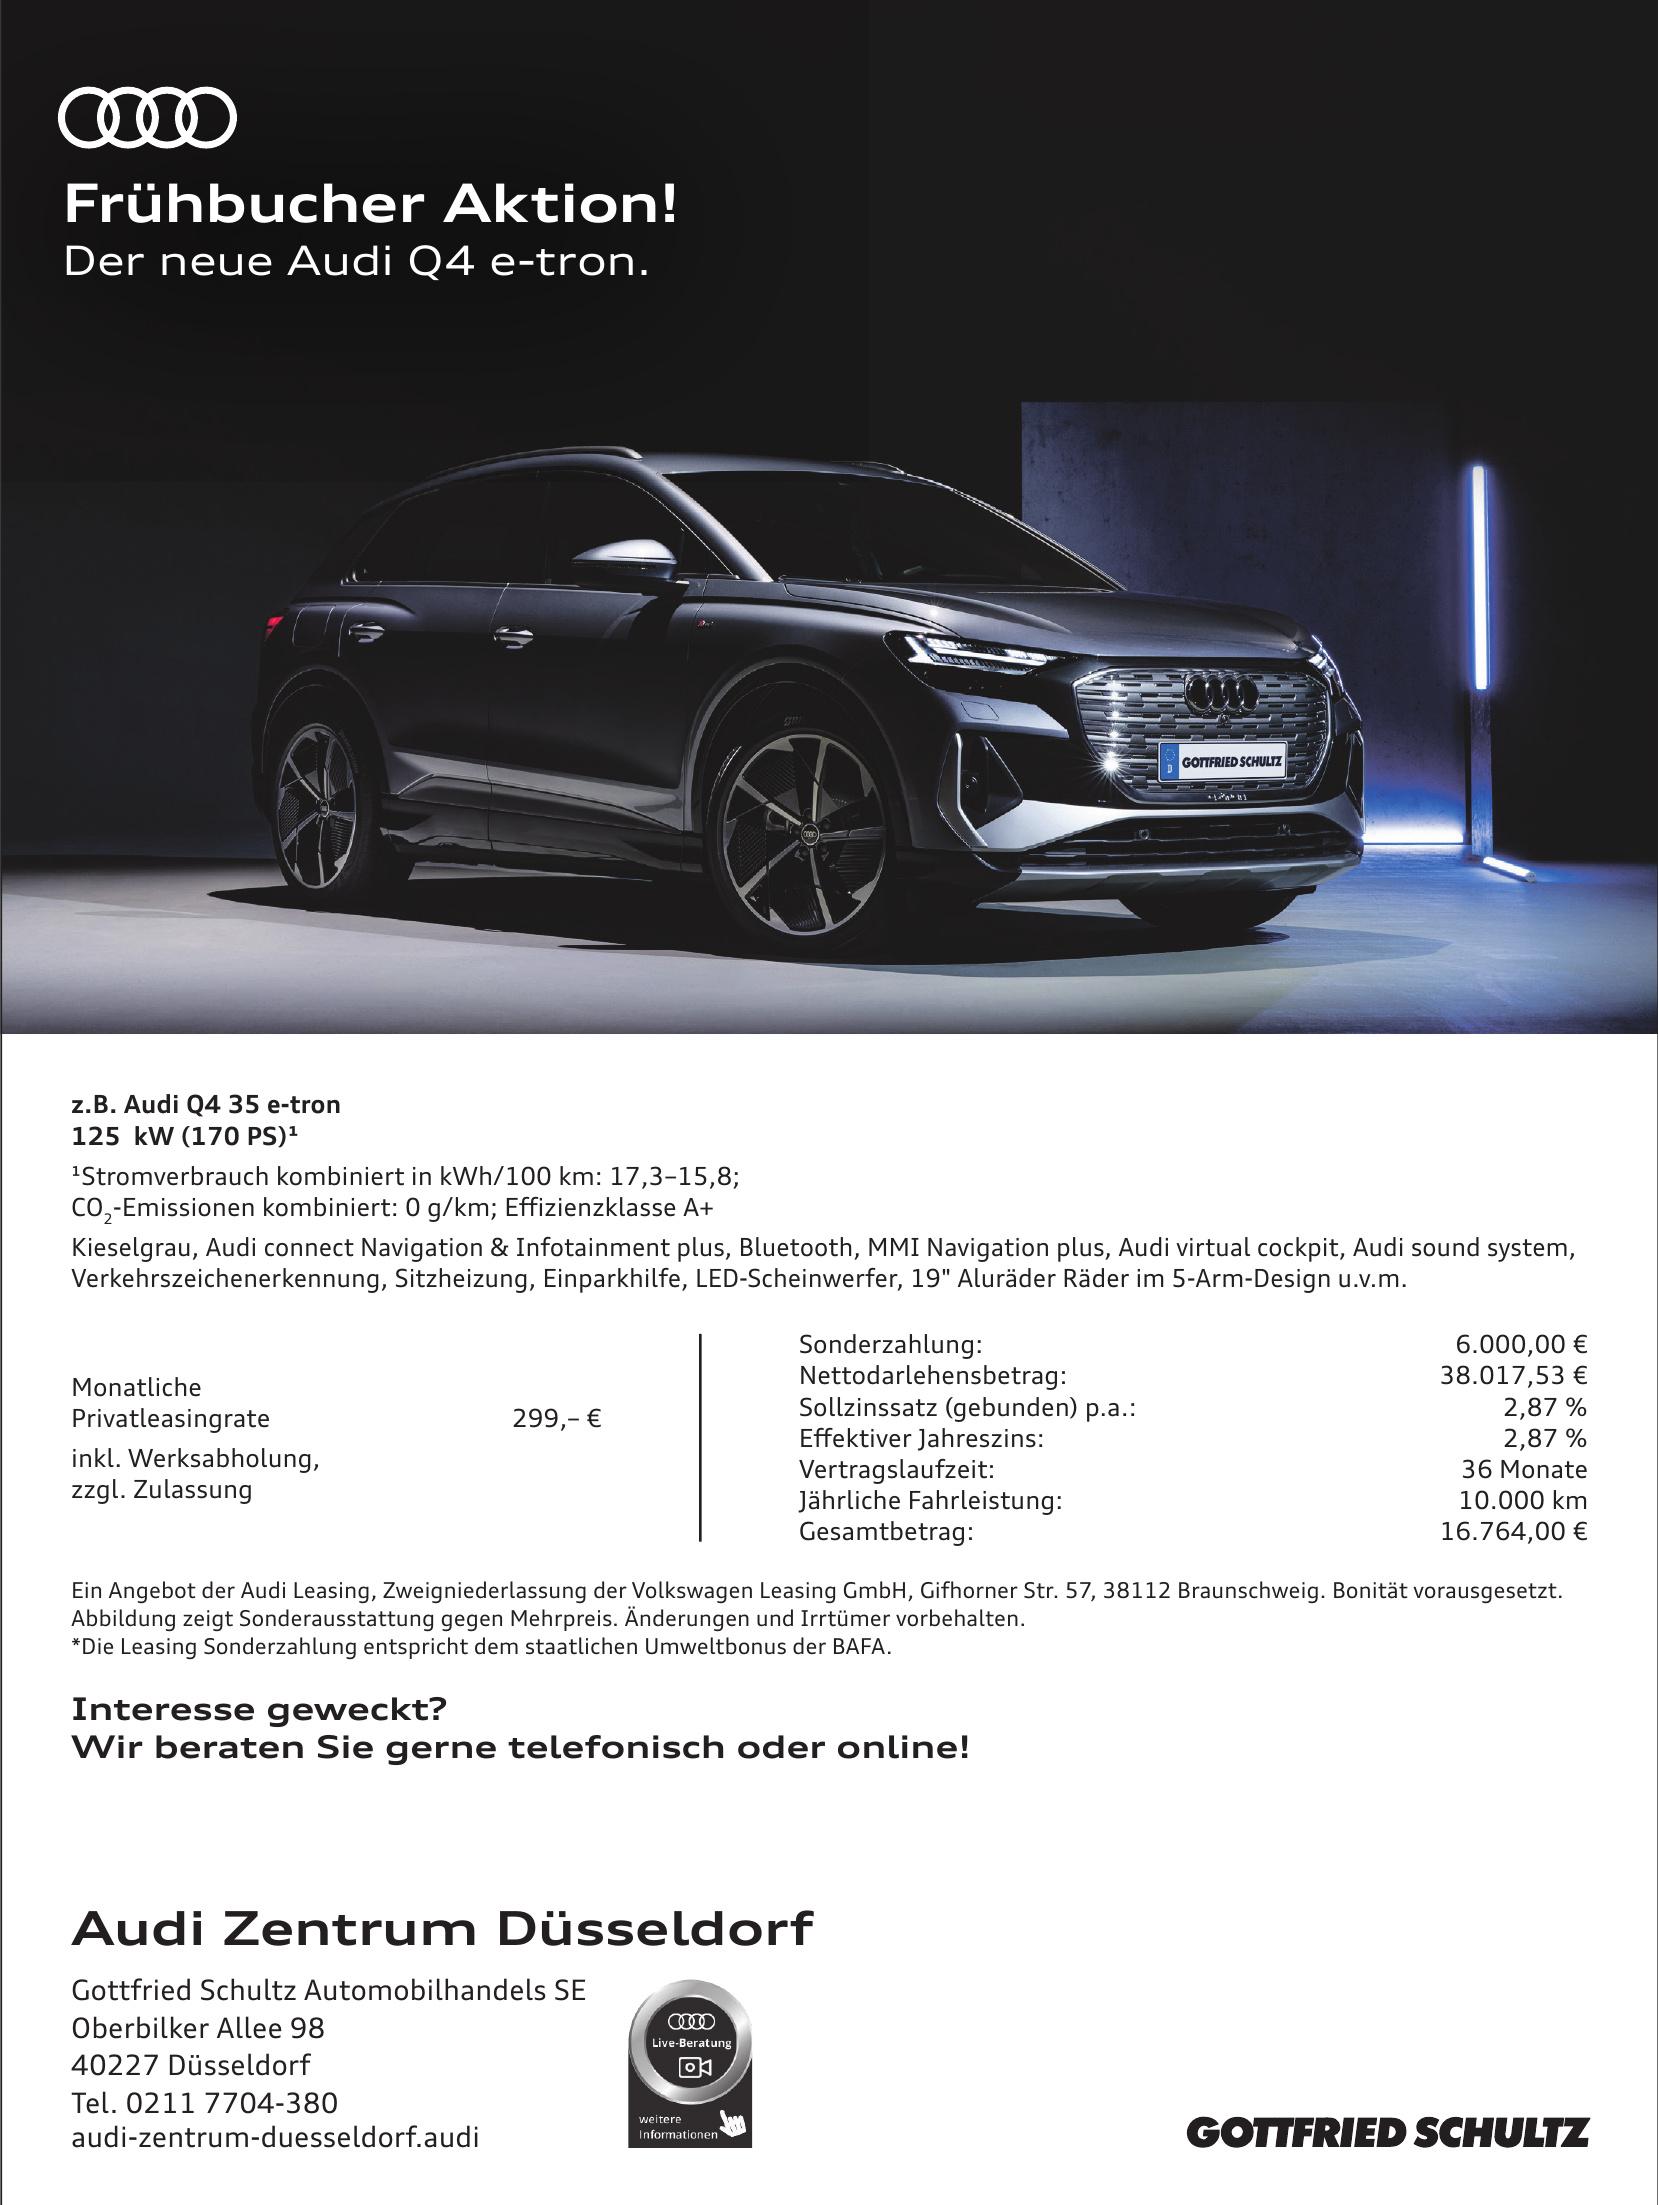 Gottfried Schultz Automobilhandels SE